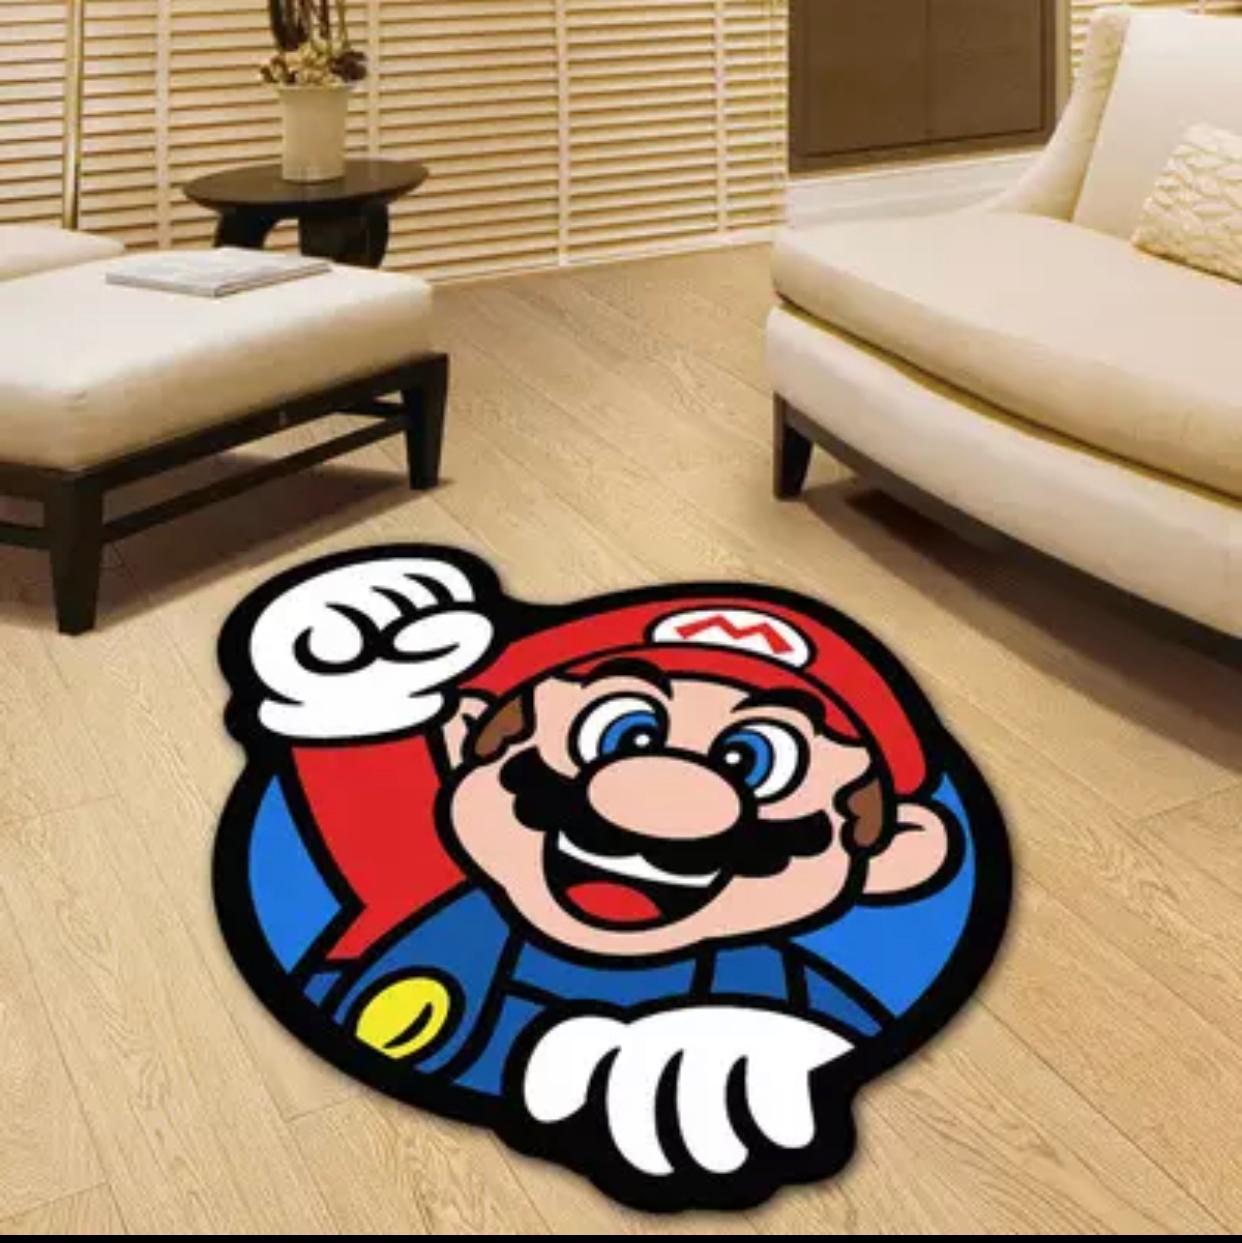 Tapete Carpete Quarto Infantil Mario: Super Mario Bros 1,00 X 1,00 m - EVALI